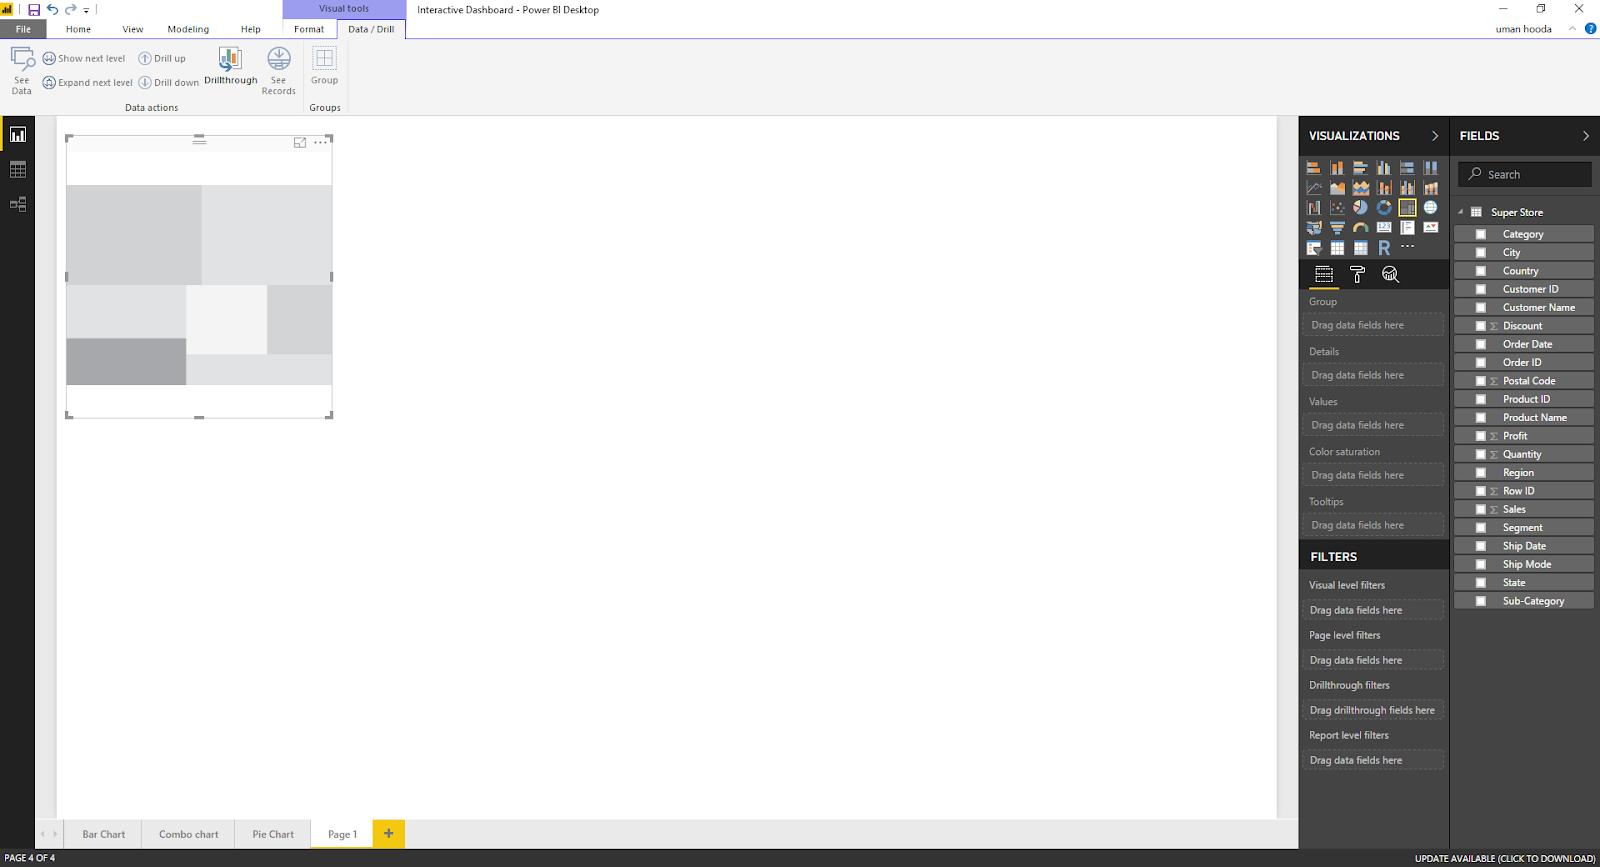 Interactive Dashboard In Microsoft Power BI 42